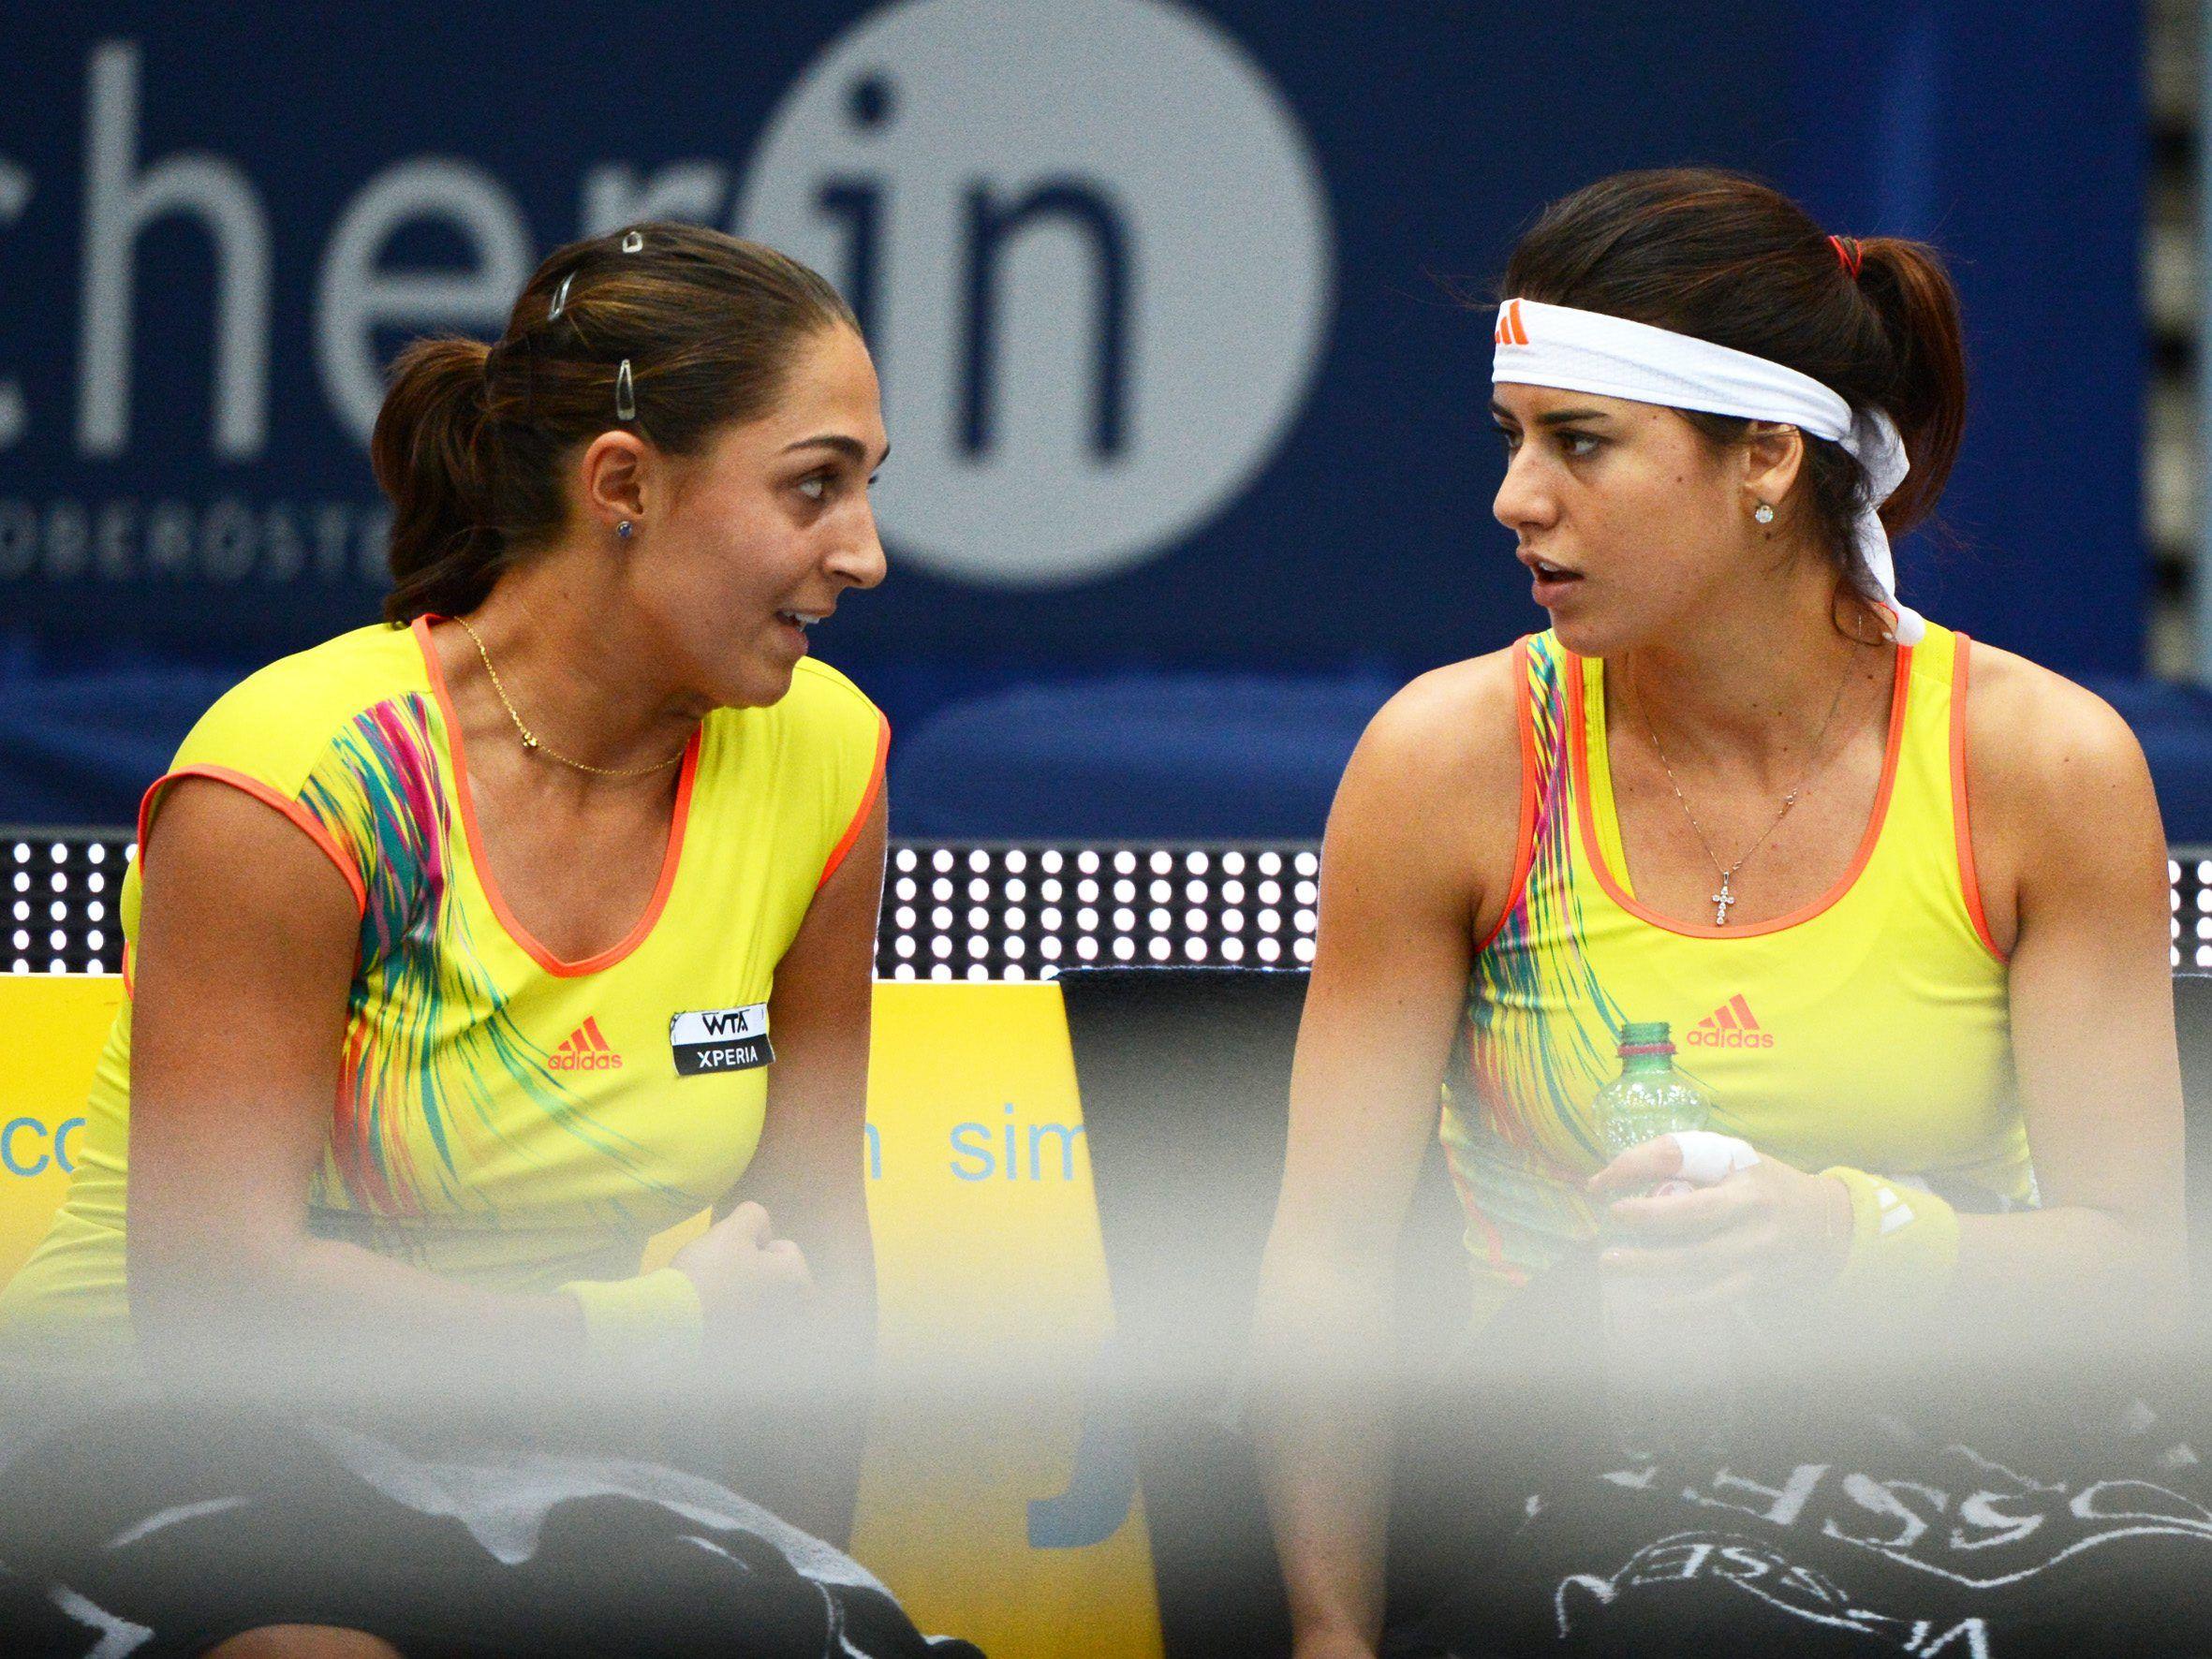 Tamira Paszek and Sorana Cirstea at Linz 2012